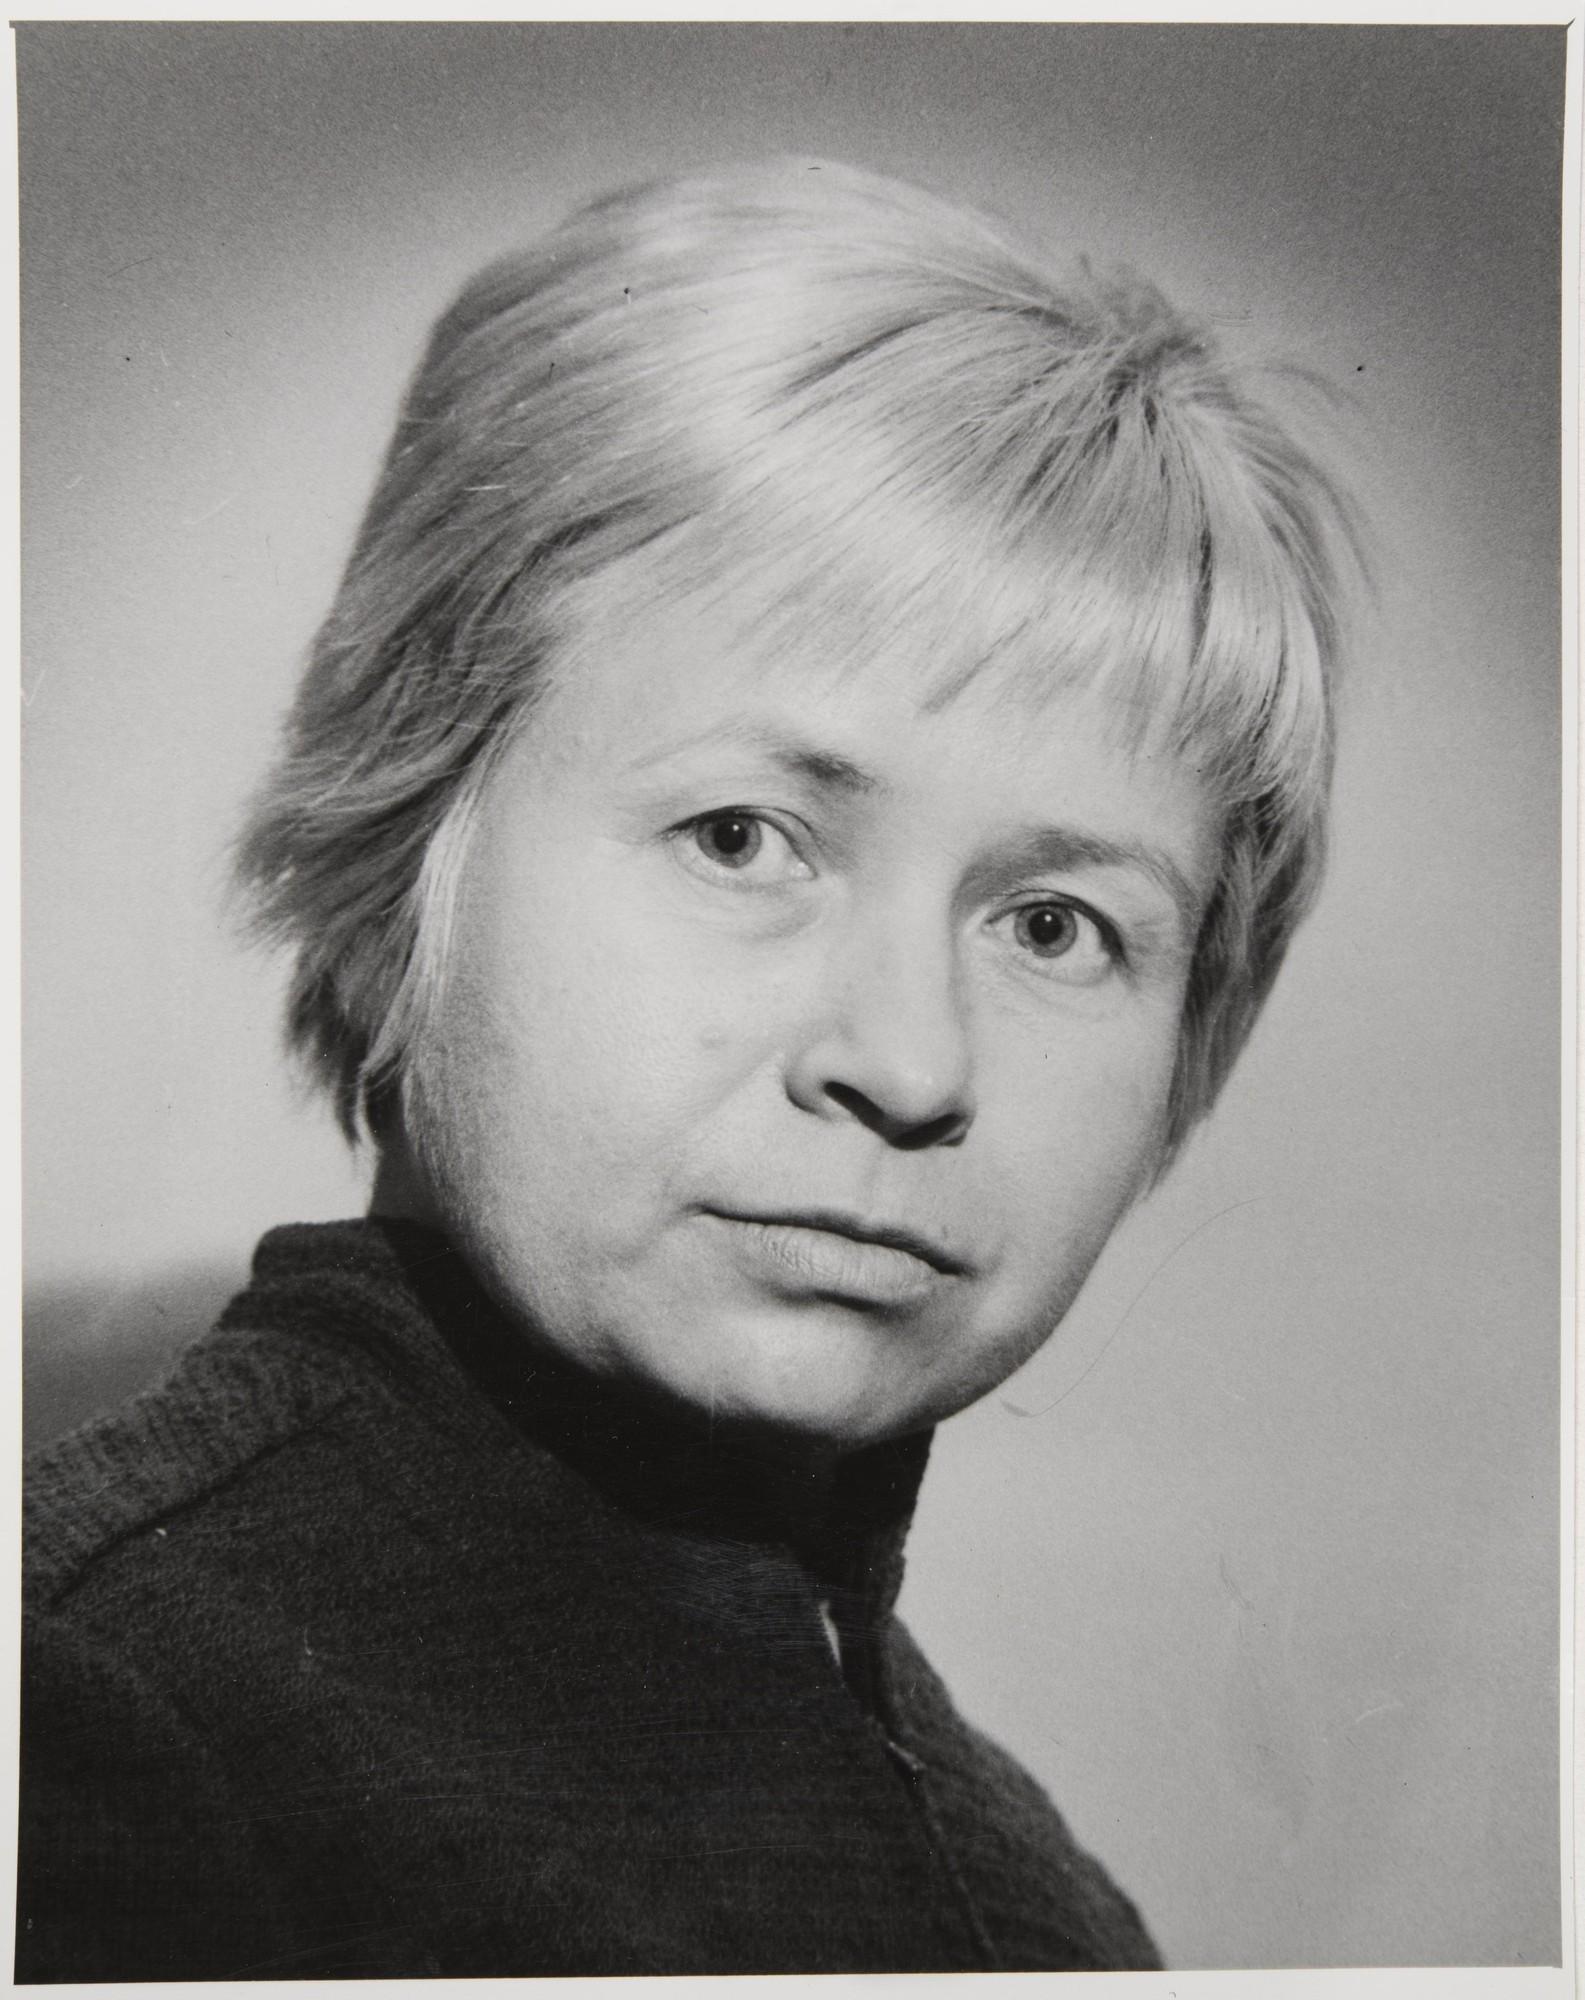 1960-е. Портрет А. Пахмутовой